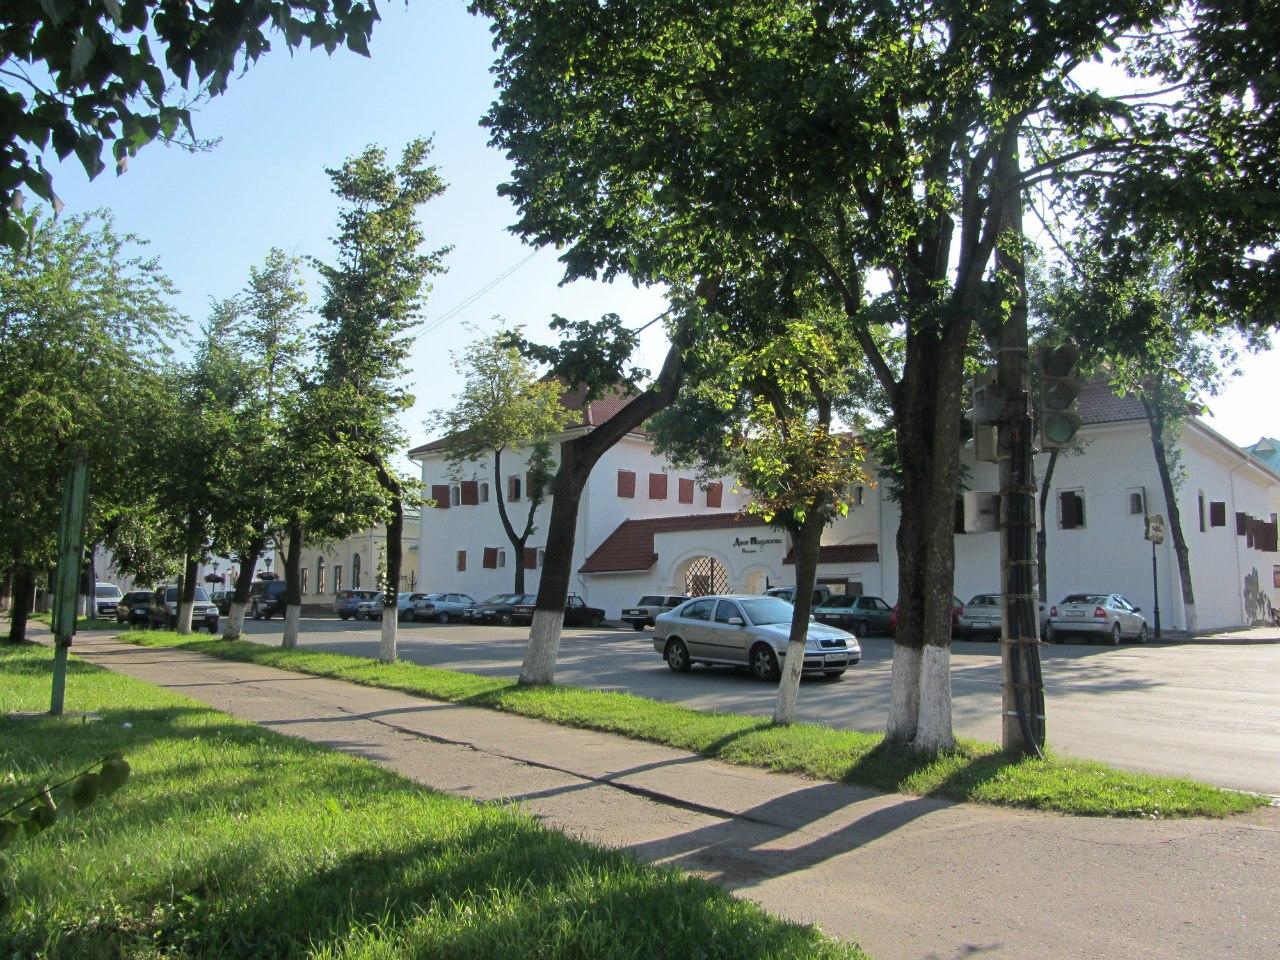 Солнечная студенческо-каникульная среда, 13 июля, в славном древнем Пскове